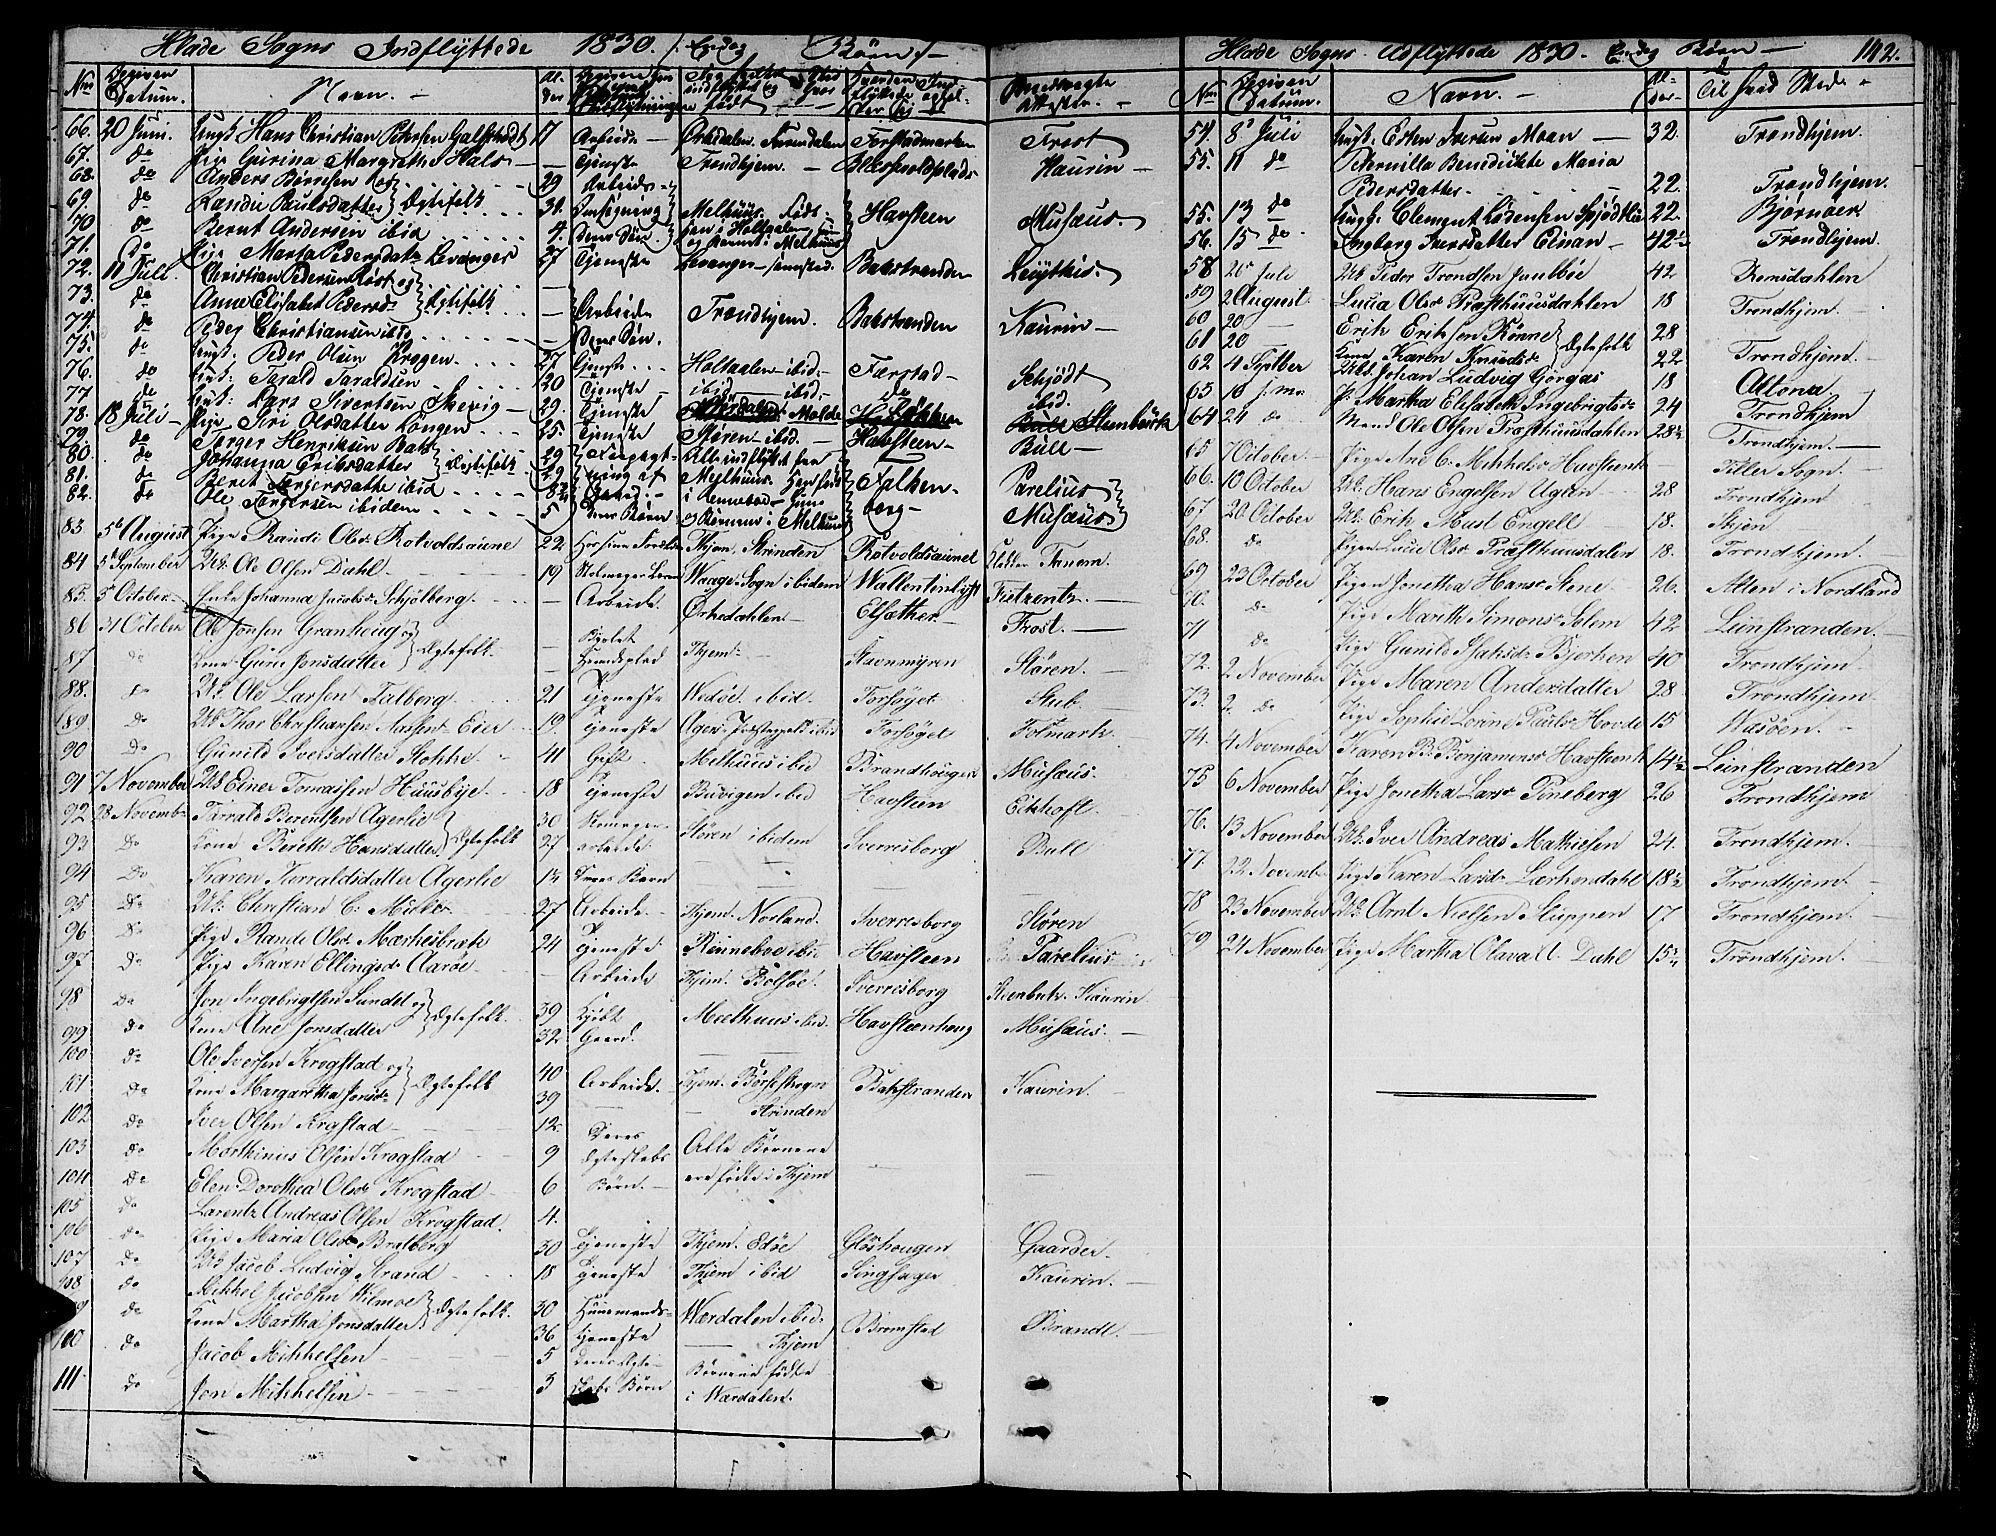 SAT, Ministerialprotokoller, klokkerbøker og fødselsregistre - Sør-Trøndelag, 606/L0308: Klokkerbok nr. 606C04, 1829-1840, s. 142